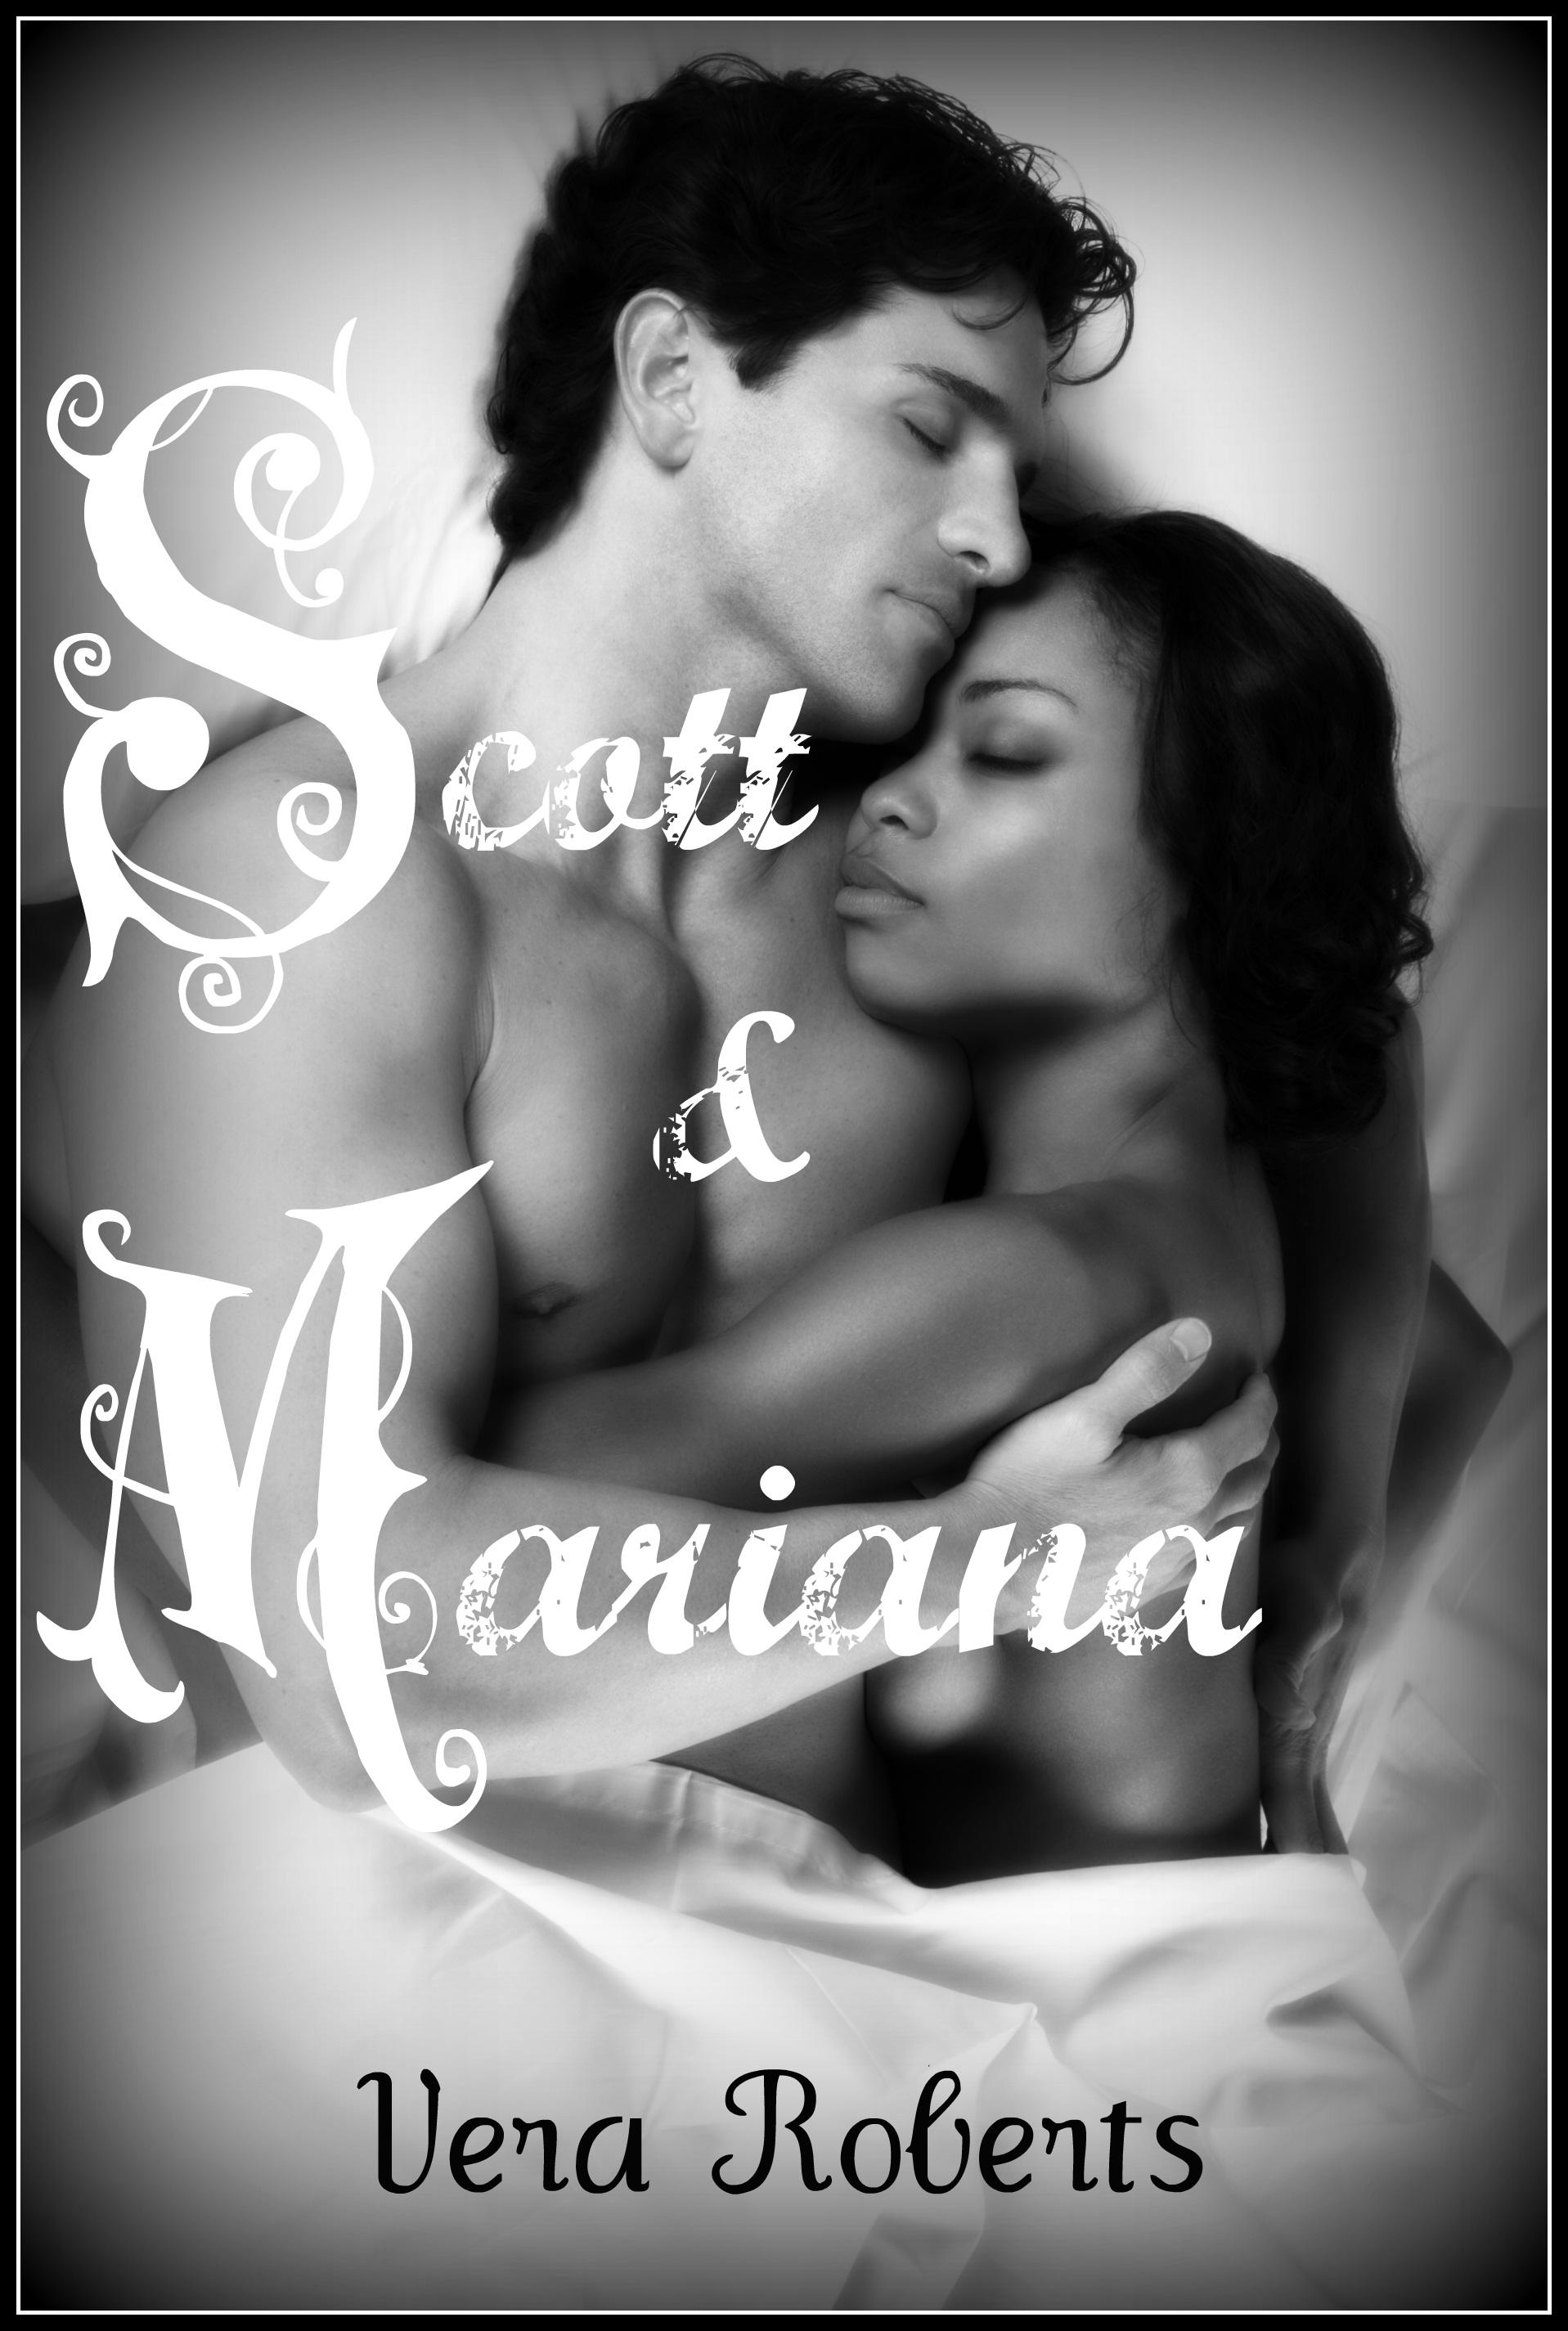 Vera Roberts - S&M (Scott & Mariana)